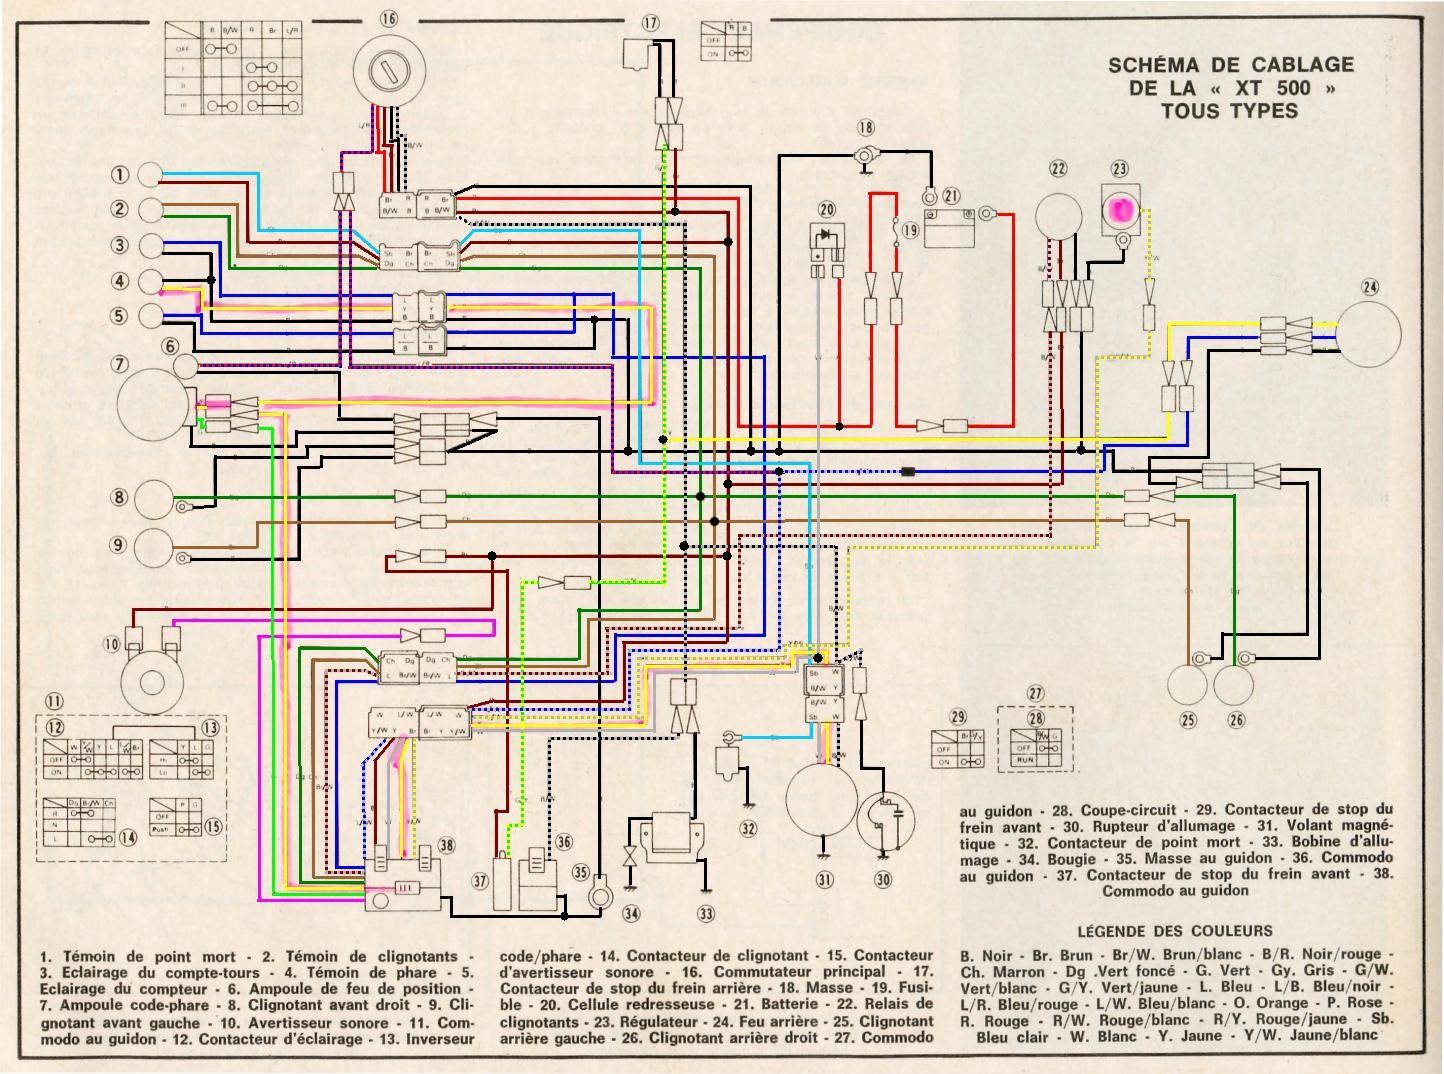 schema_complet_avant_1979 Yamaha As Wiring Diagram on suzuki quadrunner 160 parts diagram, yamaha steering diagram, yamaha wiring code, yamaha solenoid diagram, yamaha ignition diagram, yamaha motor diagram, yamaha schematics,